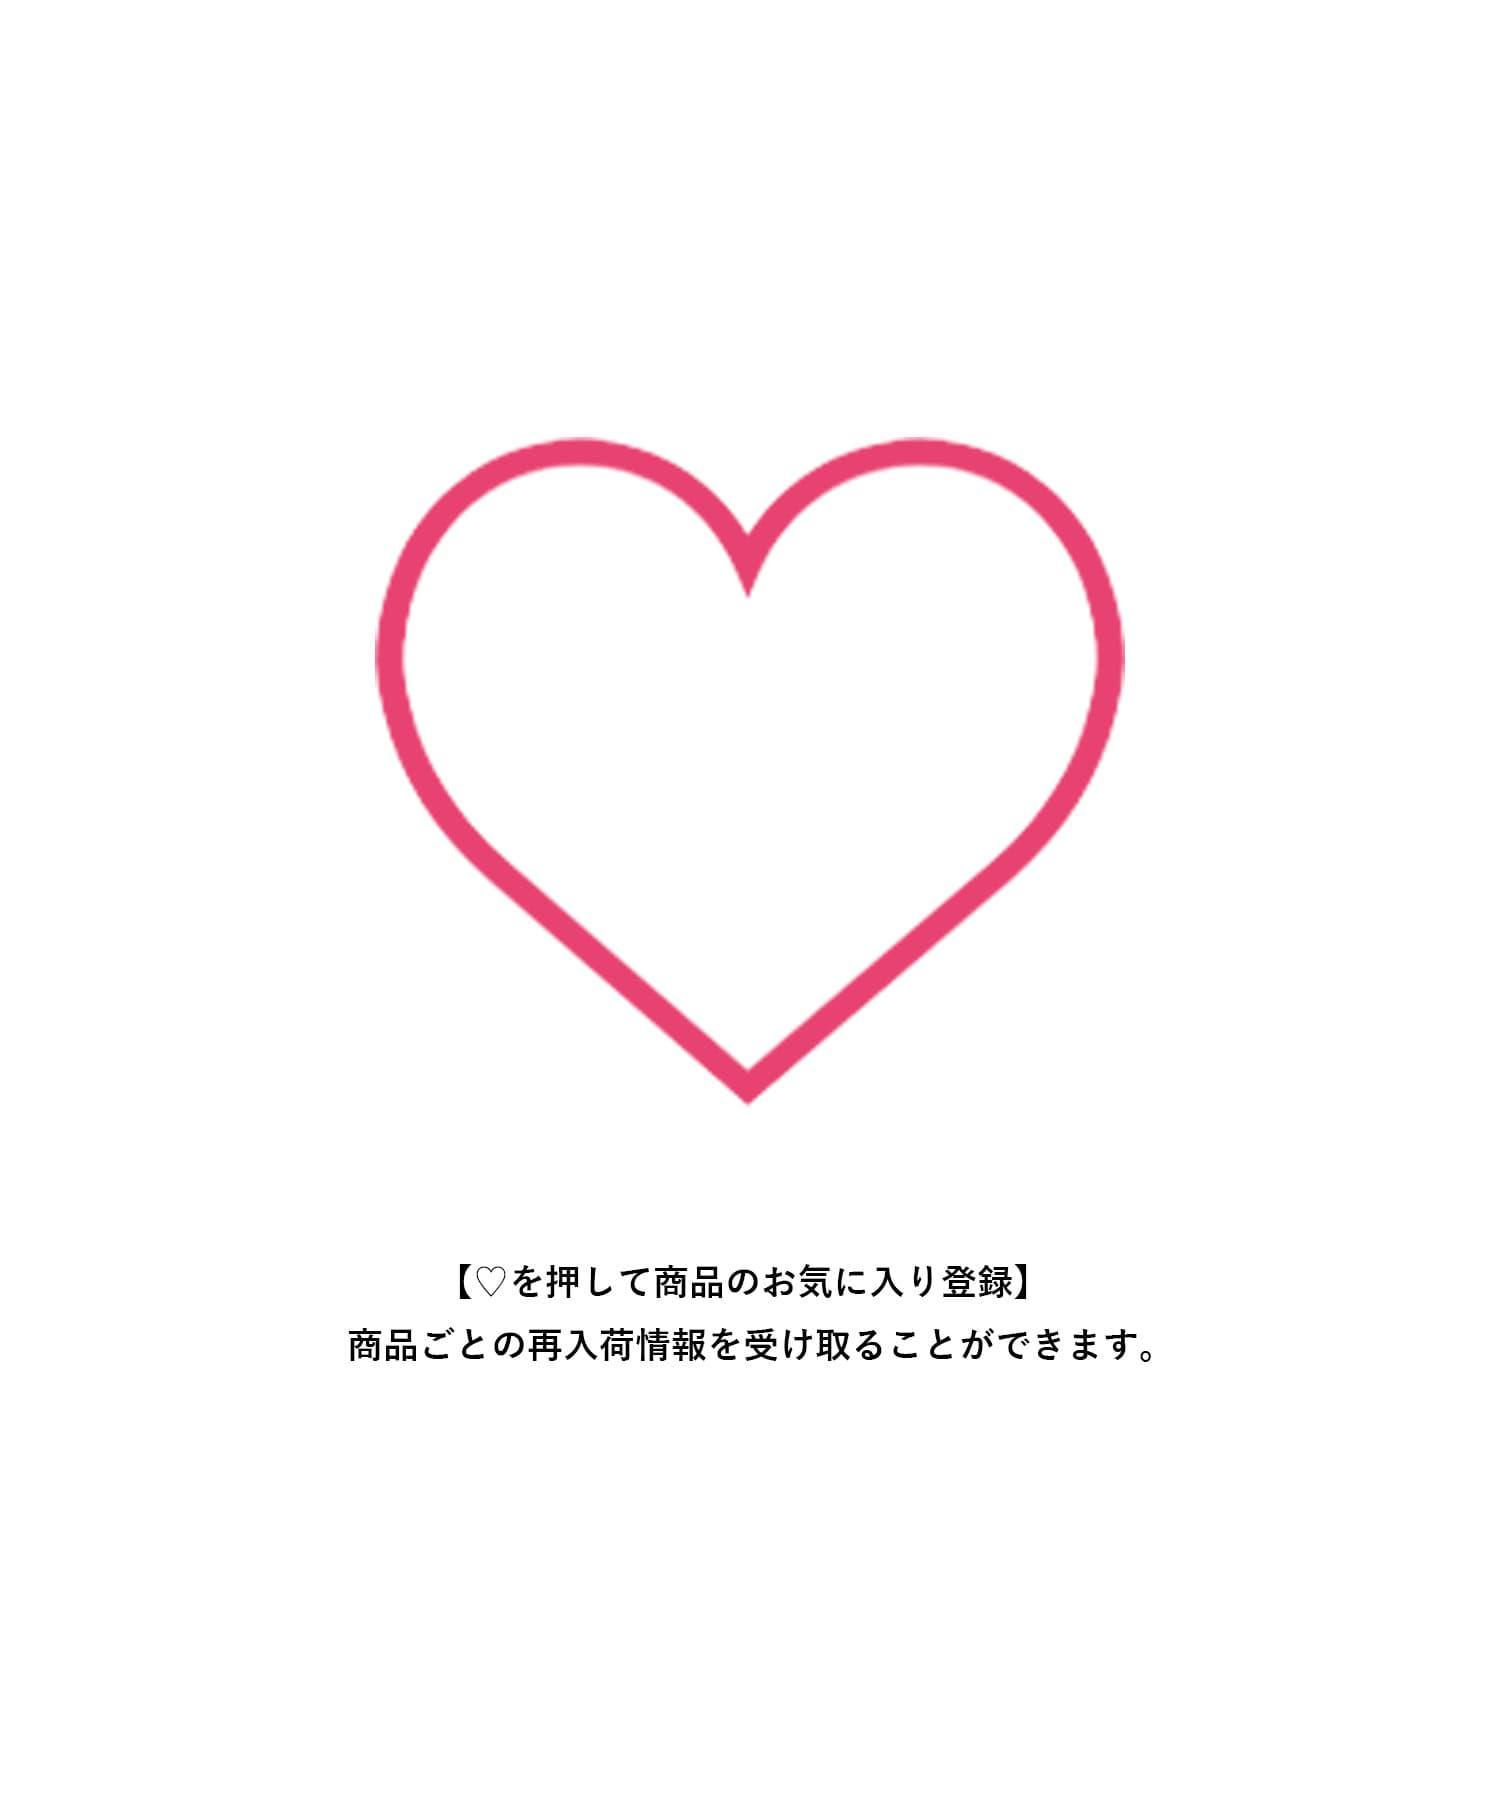 COLLAGE GALLARDAGALANTE(コラージュ ガリャルダガランテ) 【PAPILLONNER/パピヨネ】ボリュームチェーンネックレス